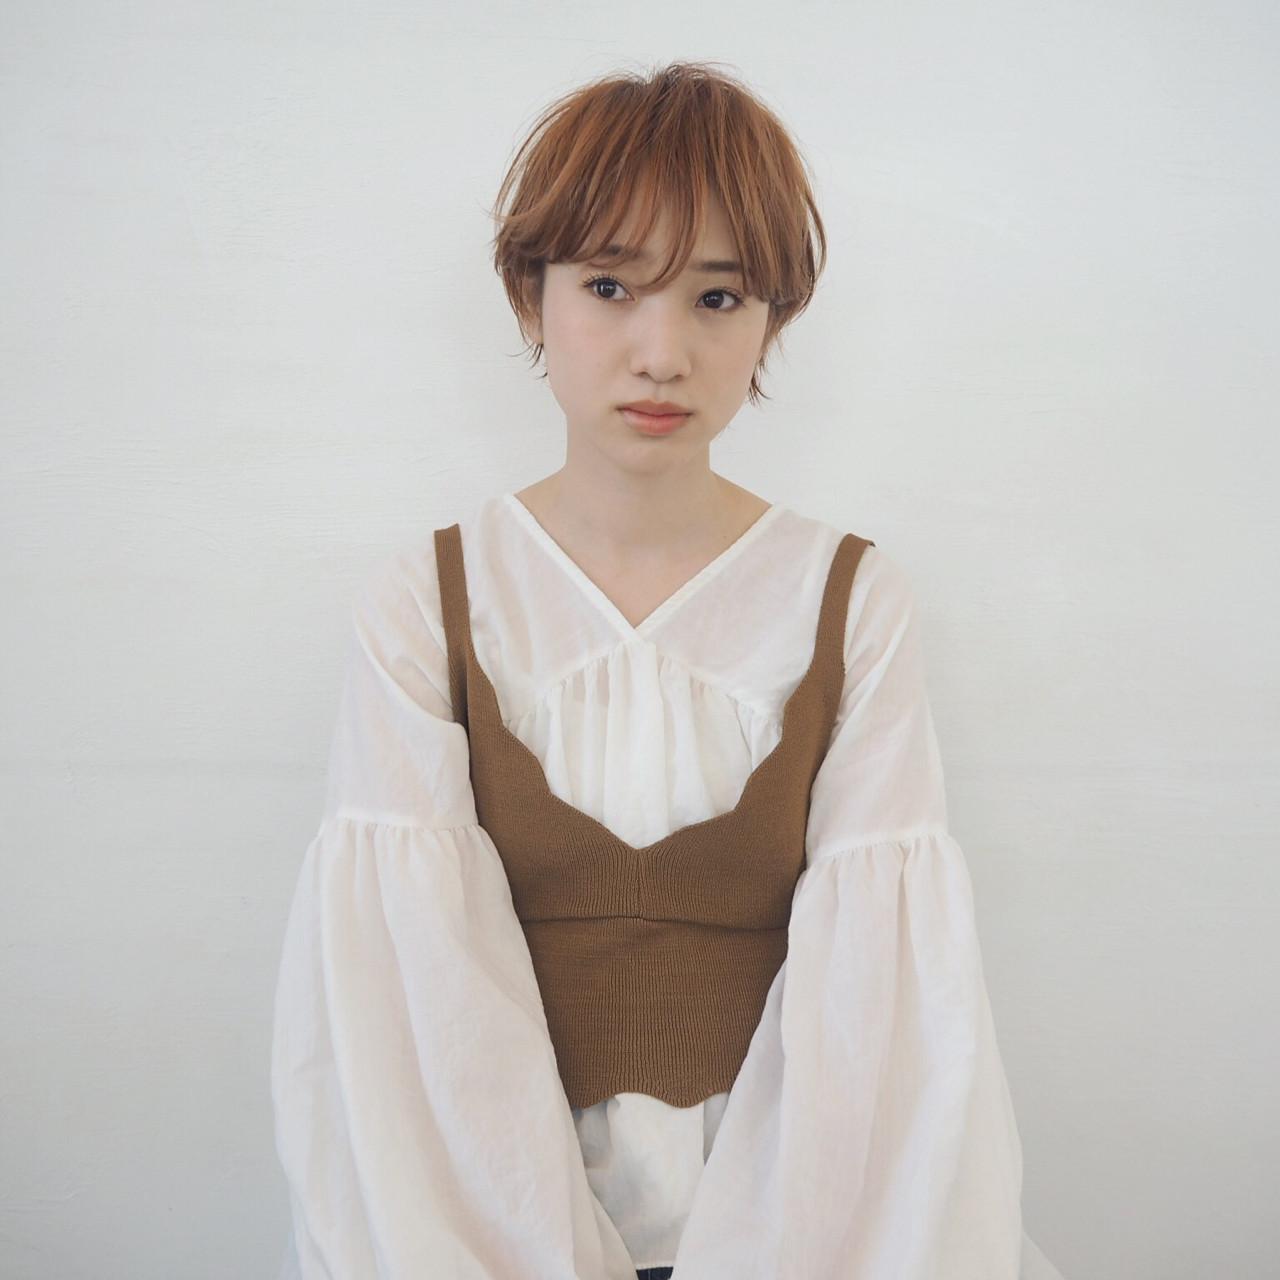 暗めオレンジ系ベージュで大人っぽショート☆ 宮迫 真美